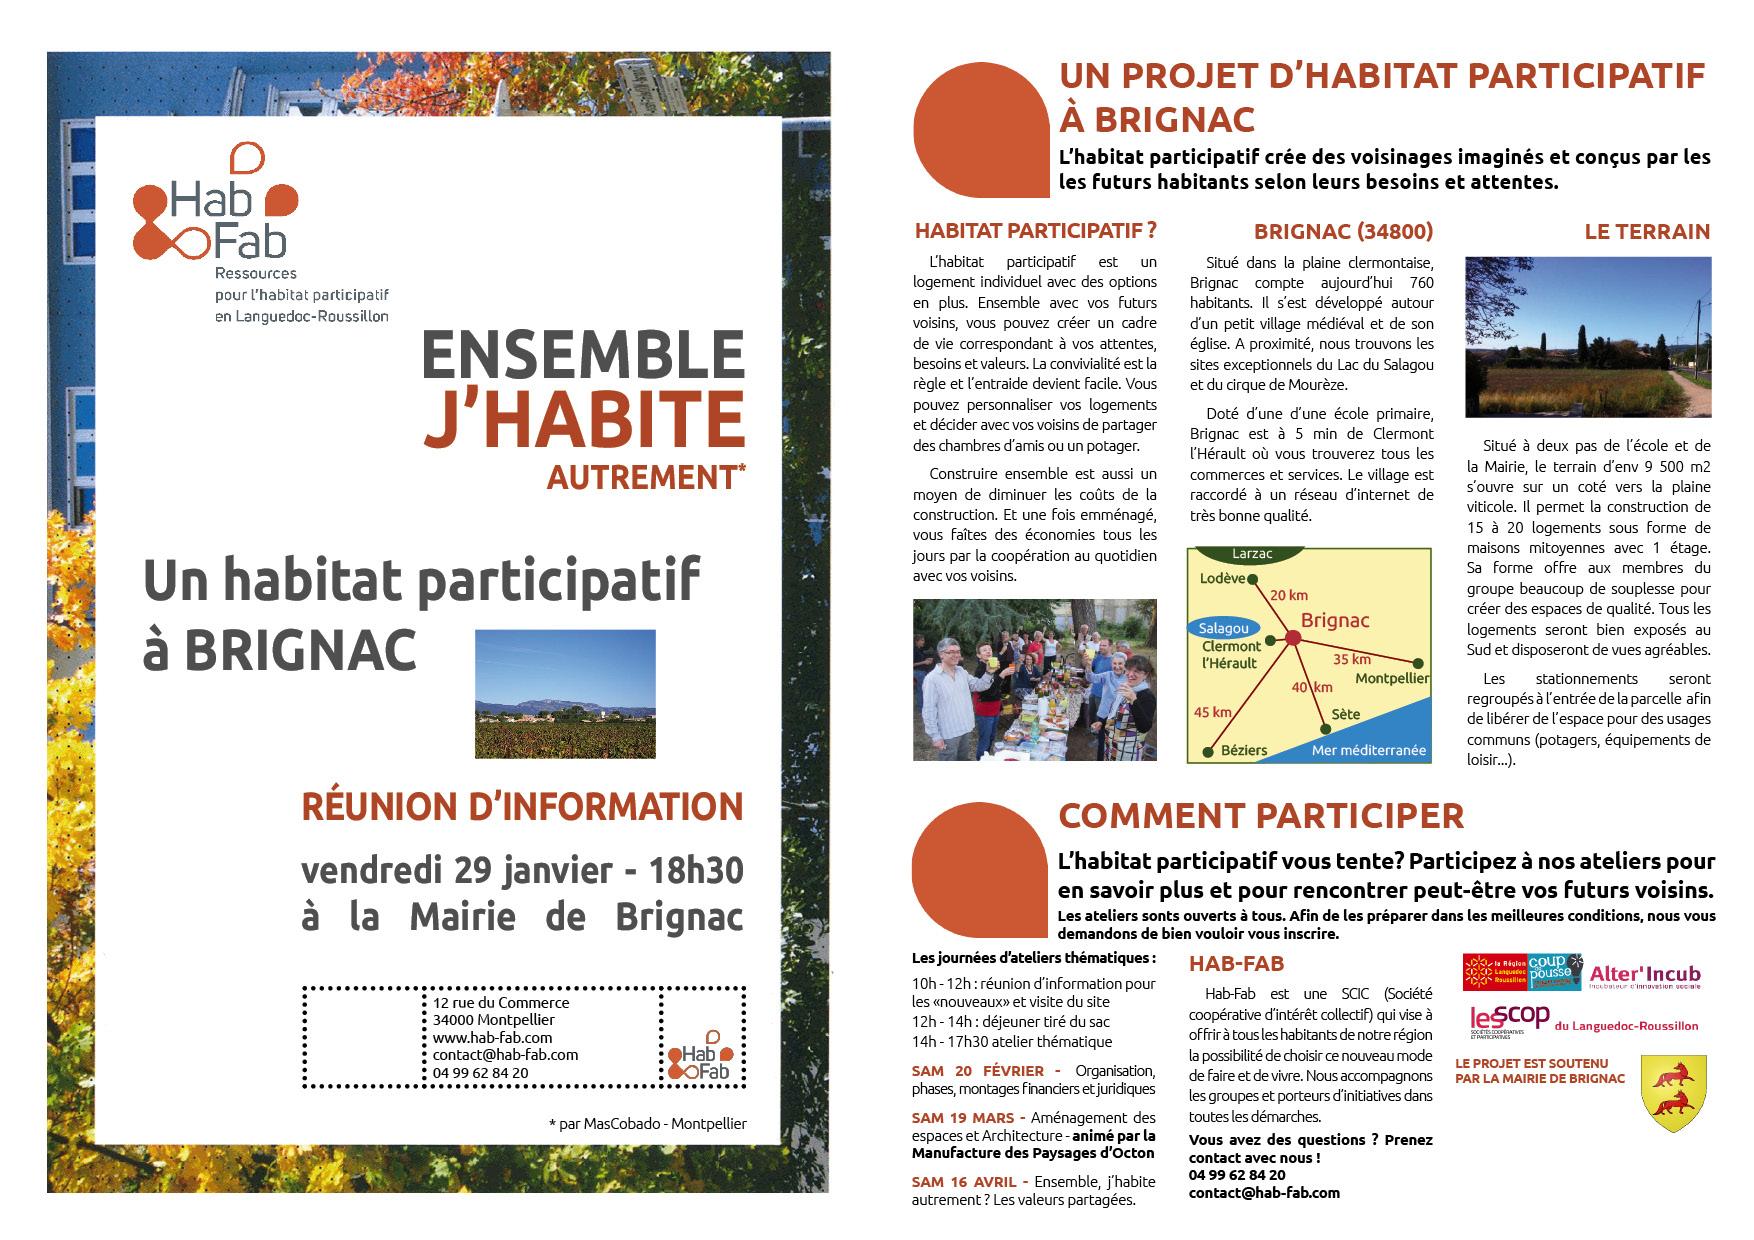 habitat participatif